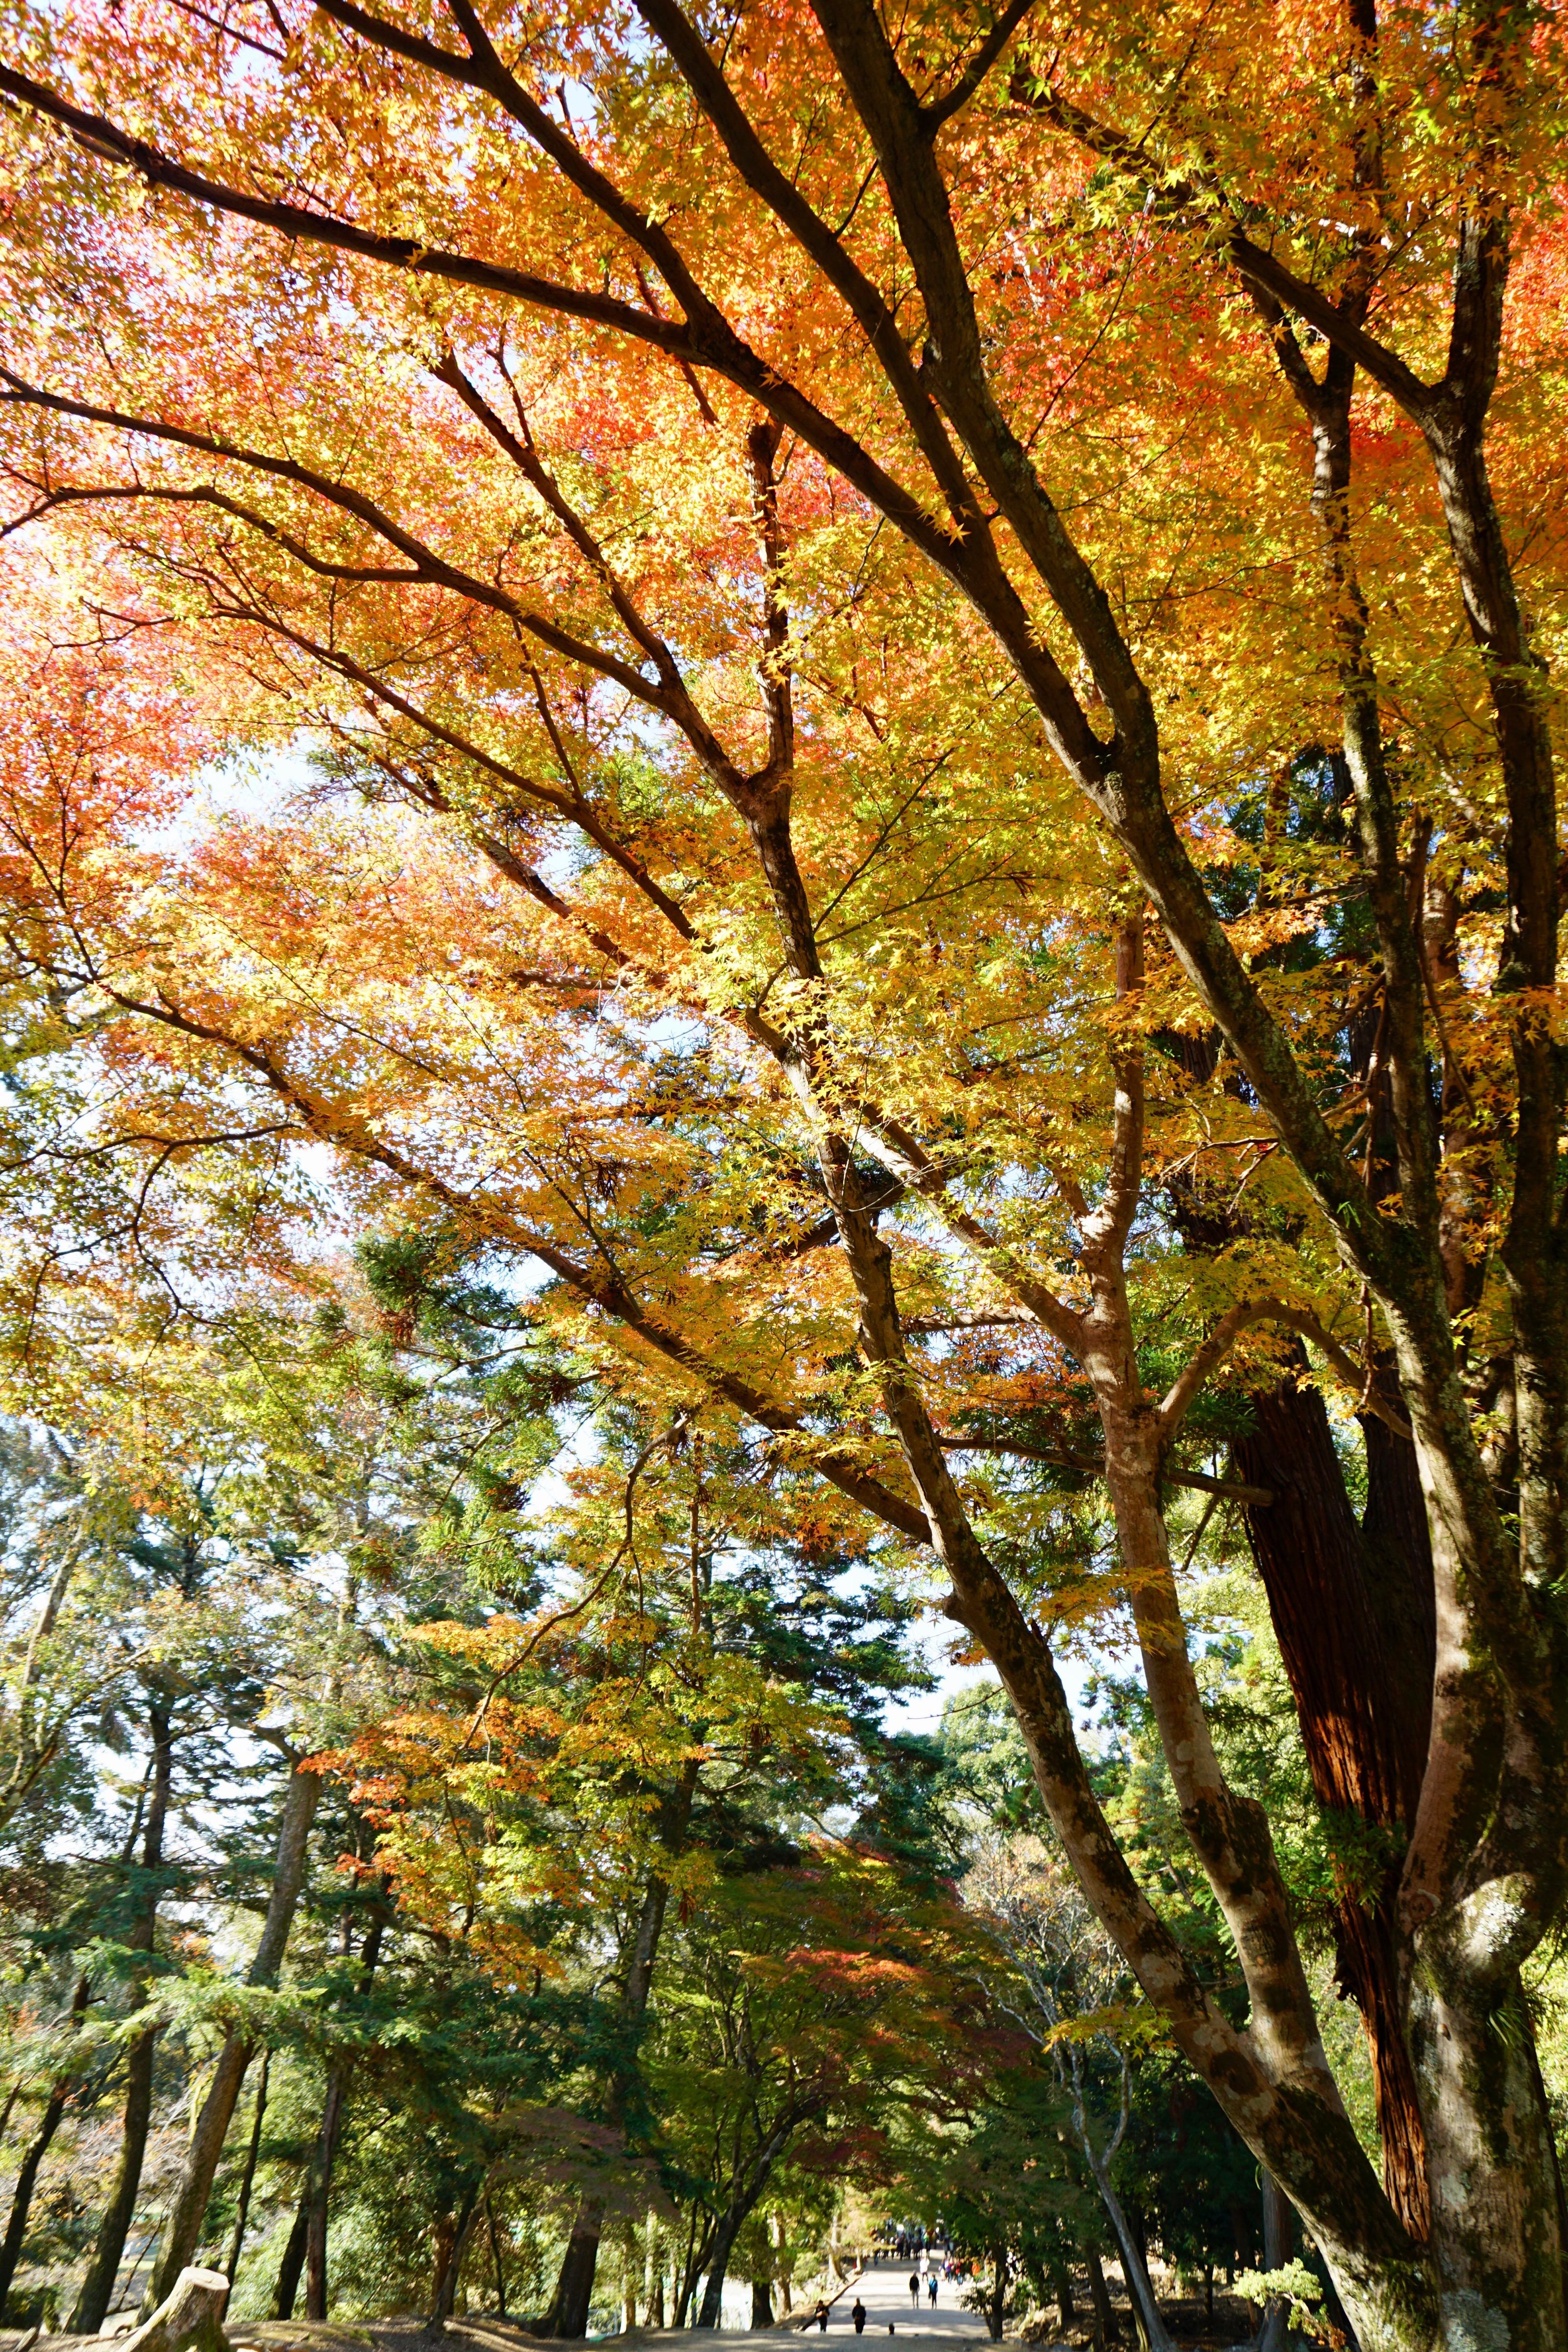 紅葉が素晴らしいので有名です。紅葉は来週くらいが一番いいと思います。